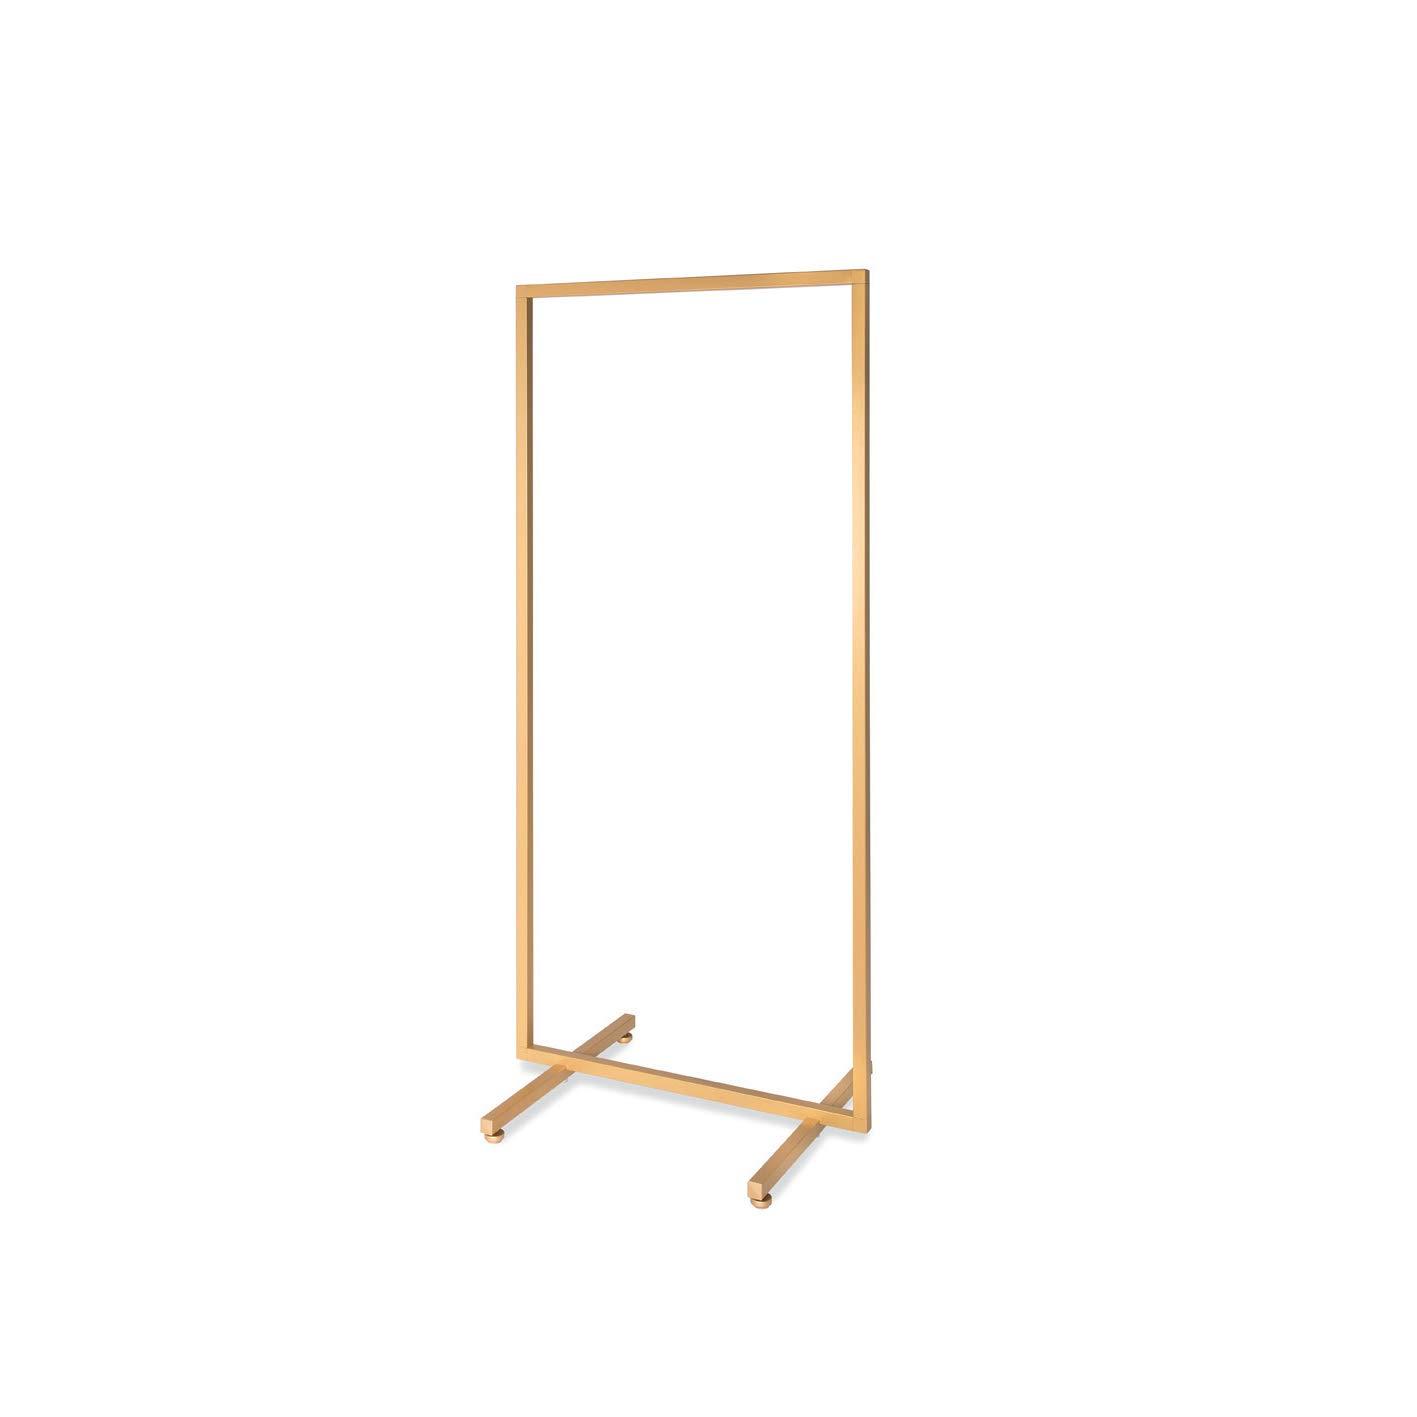 RONNIEART Stender Semplice Fisso APPENDERIA Oro Tubo Quadrato da 99 cm Gondola Boutique Abbigliamento Design Moderno